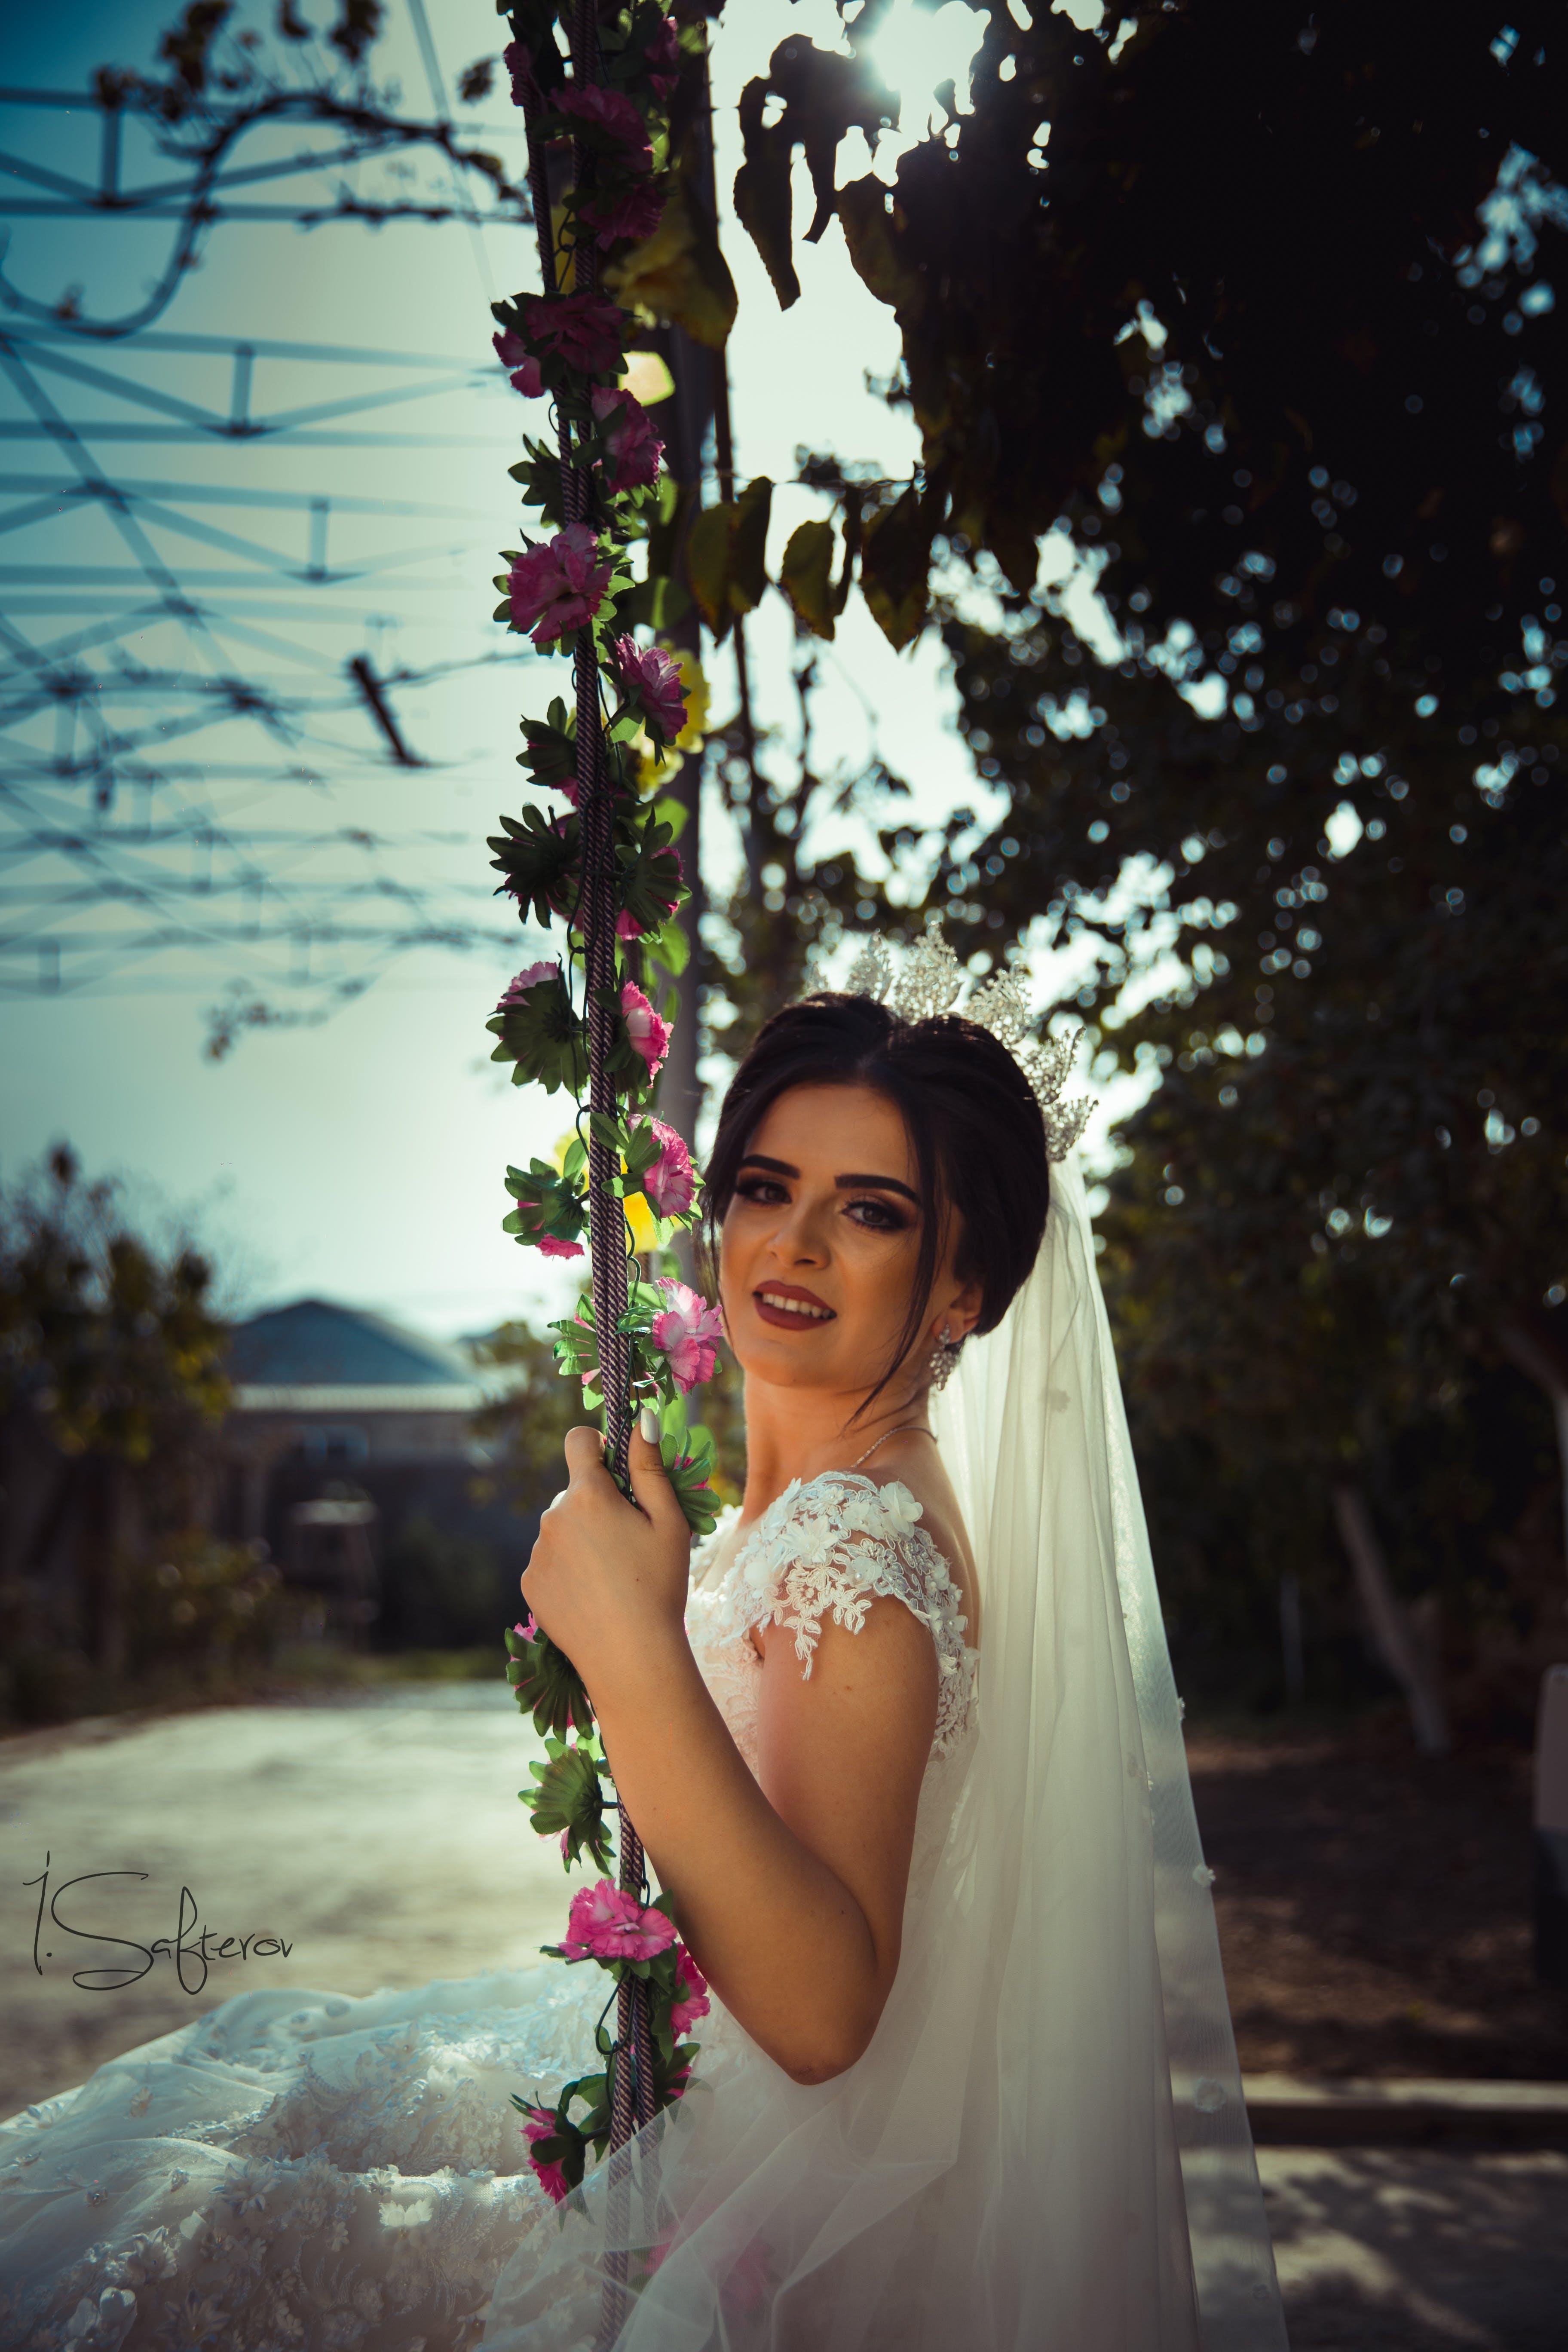 Δωρεάν στοκ φωτογραφιών με γαμήλιο κορίτσι, κορίτσι, κορίτσι πορτρέτο, λειτουργία πορτρέτου